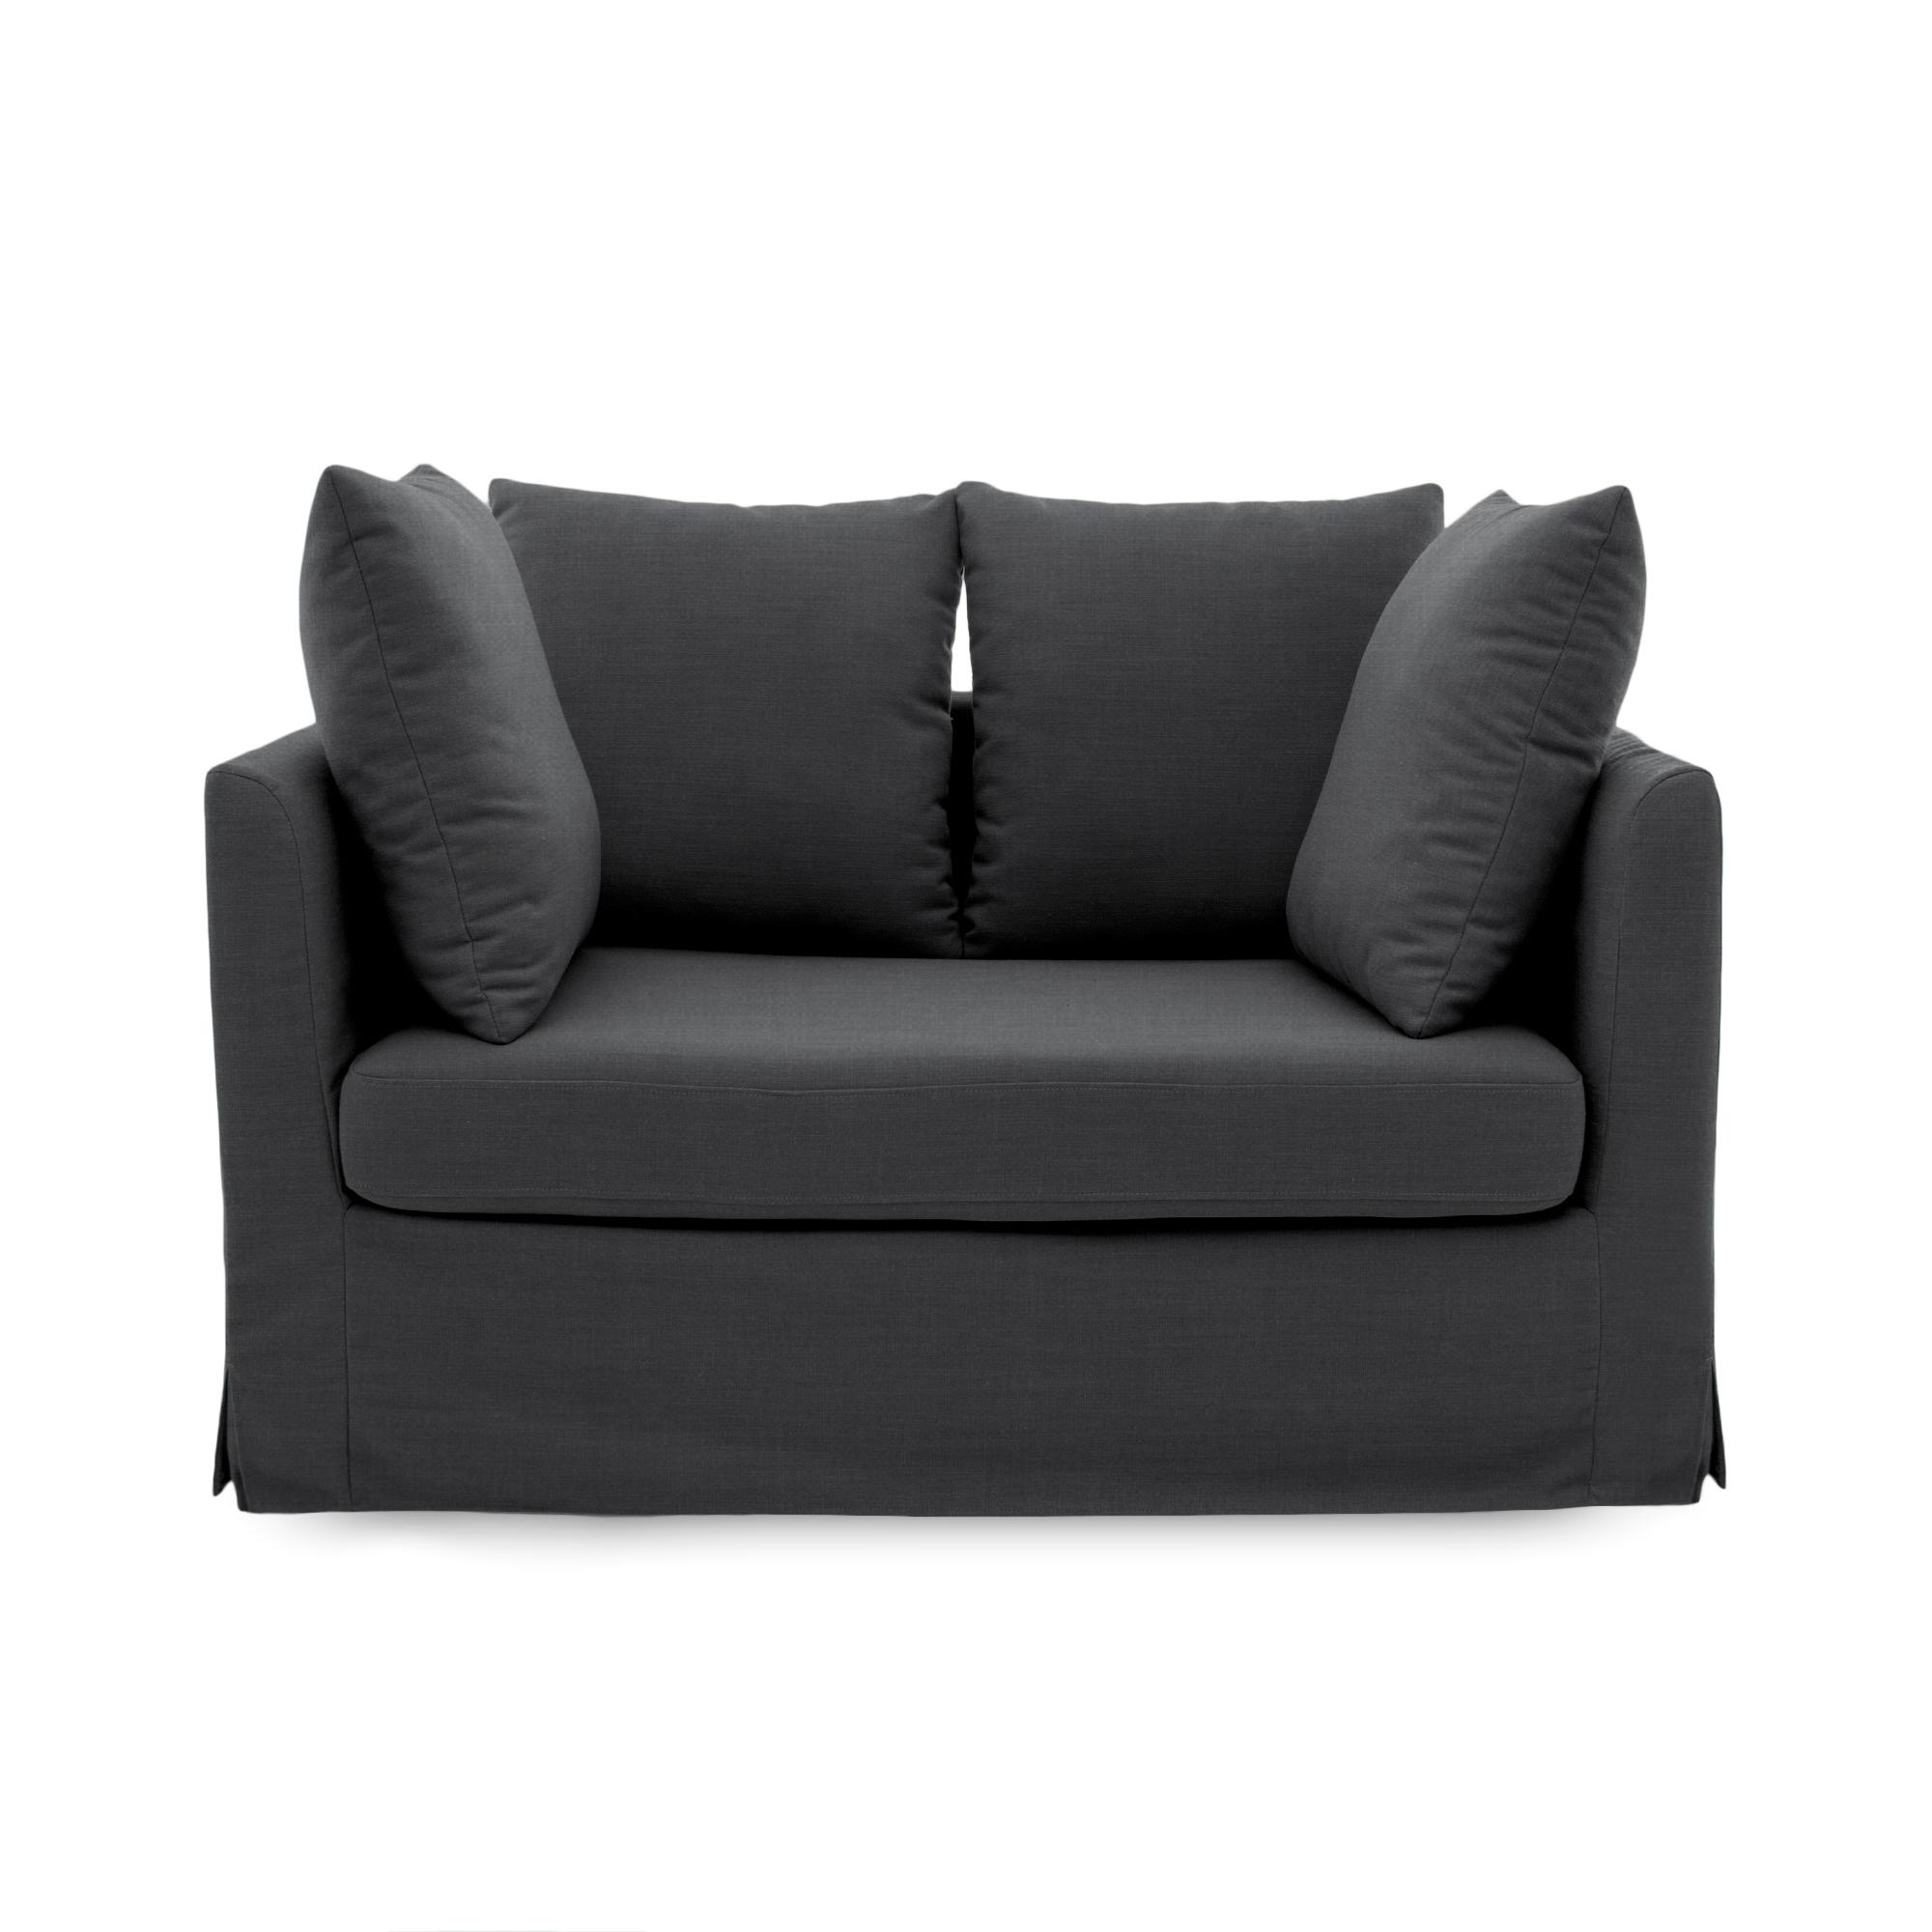 Canapea Fixa 2 locuri Coraly Dark Grey